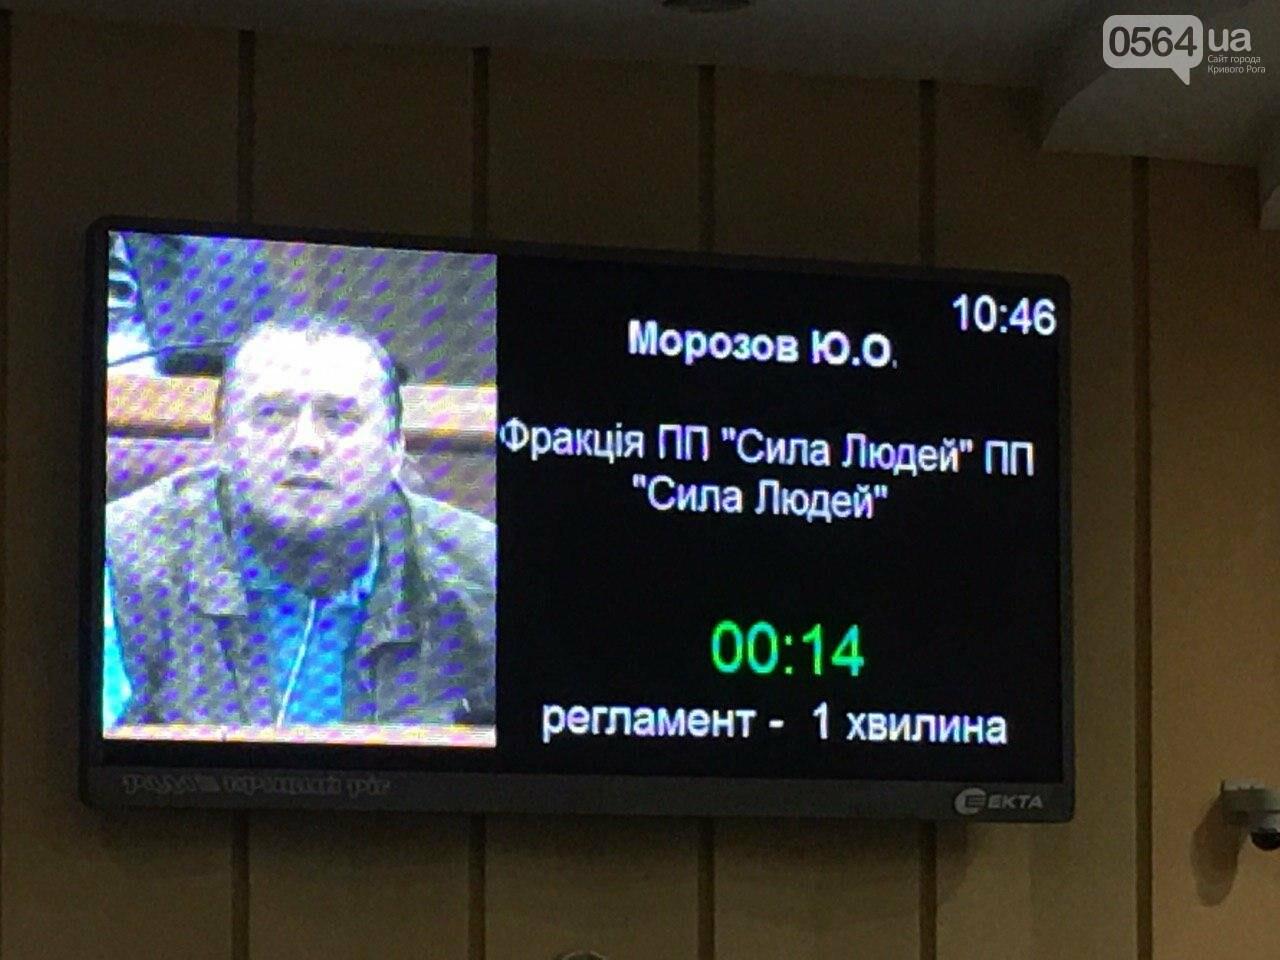 Криворожский городской совет не доверил экс-нардепу Павлову должность заместителя мэра, - ФОТО, фото-15